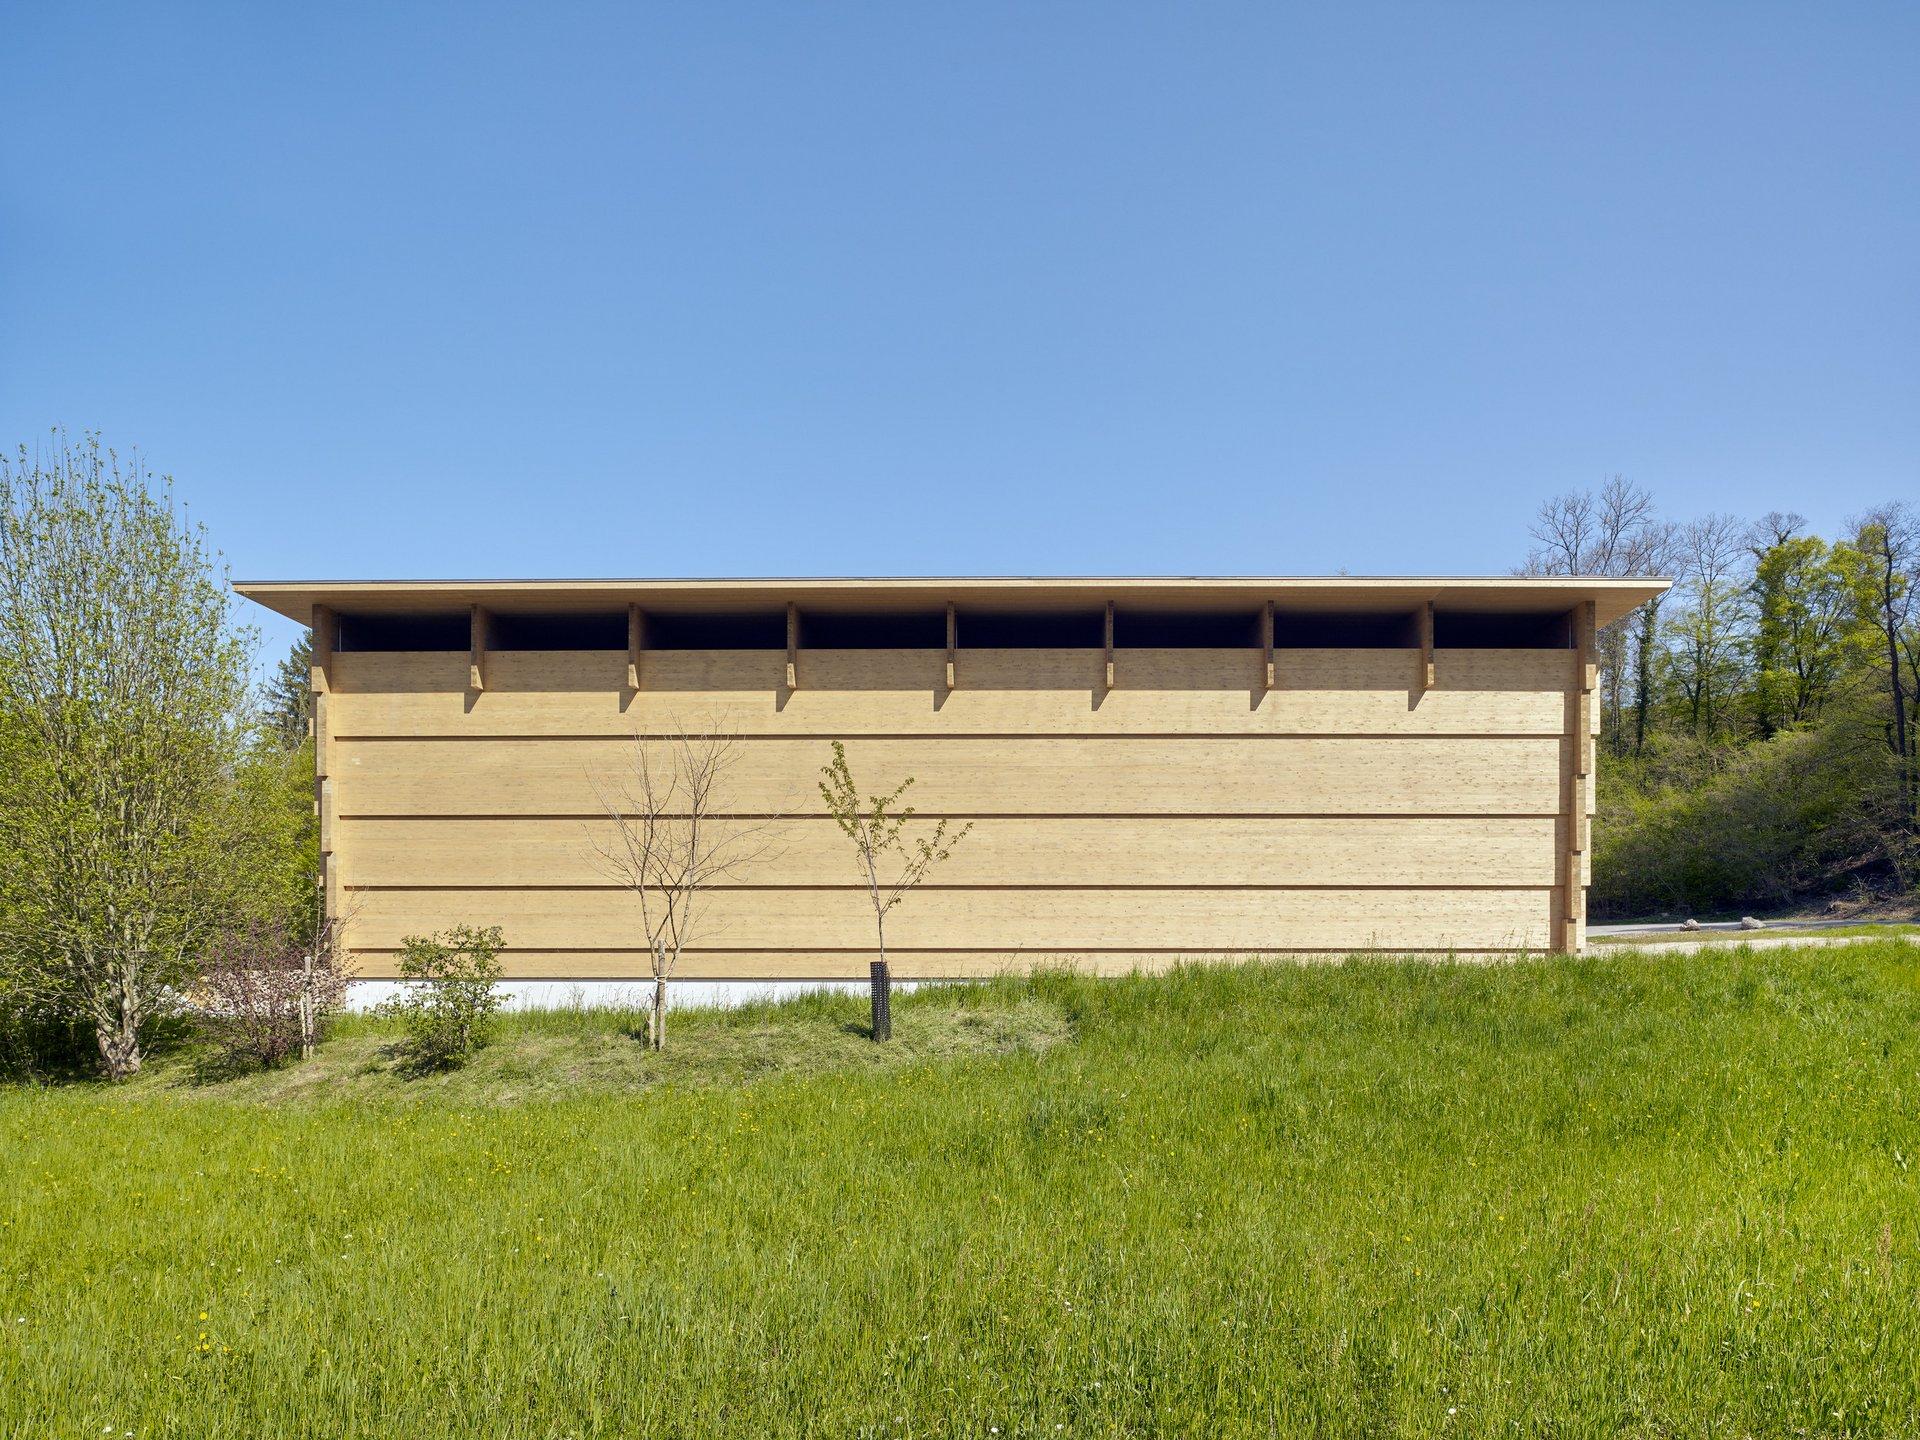 Werkhalle in Blockbauweise mit Spannweite von 26m von hinten